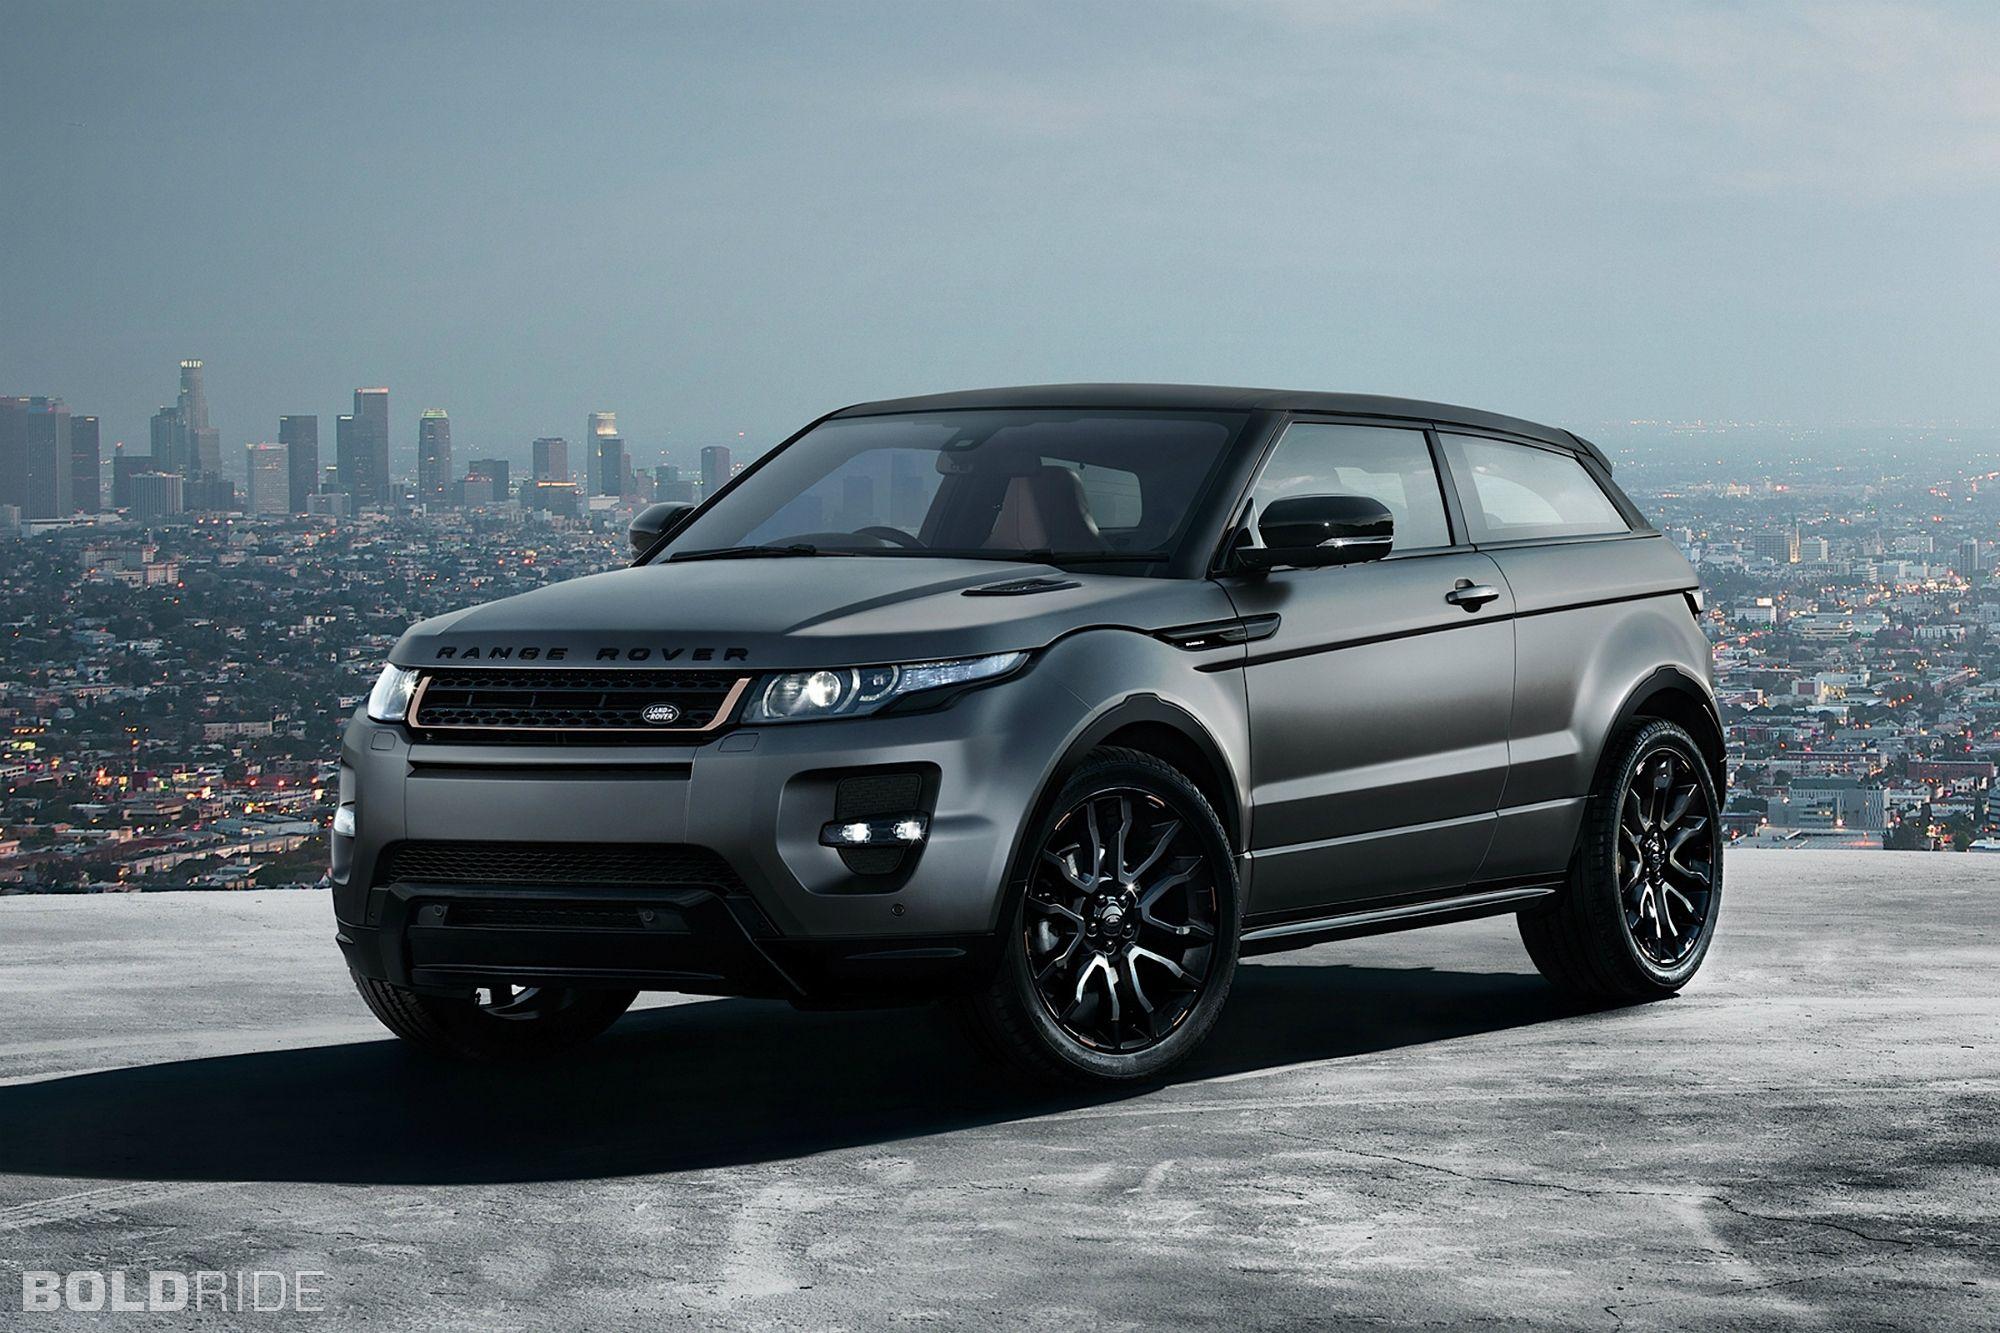 Land Rover Range Rover Evoque My Favorite SUV desig